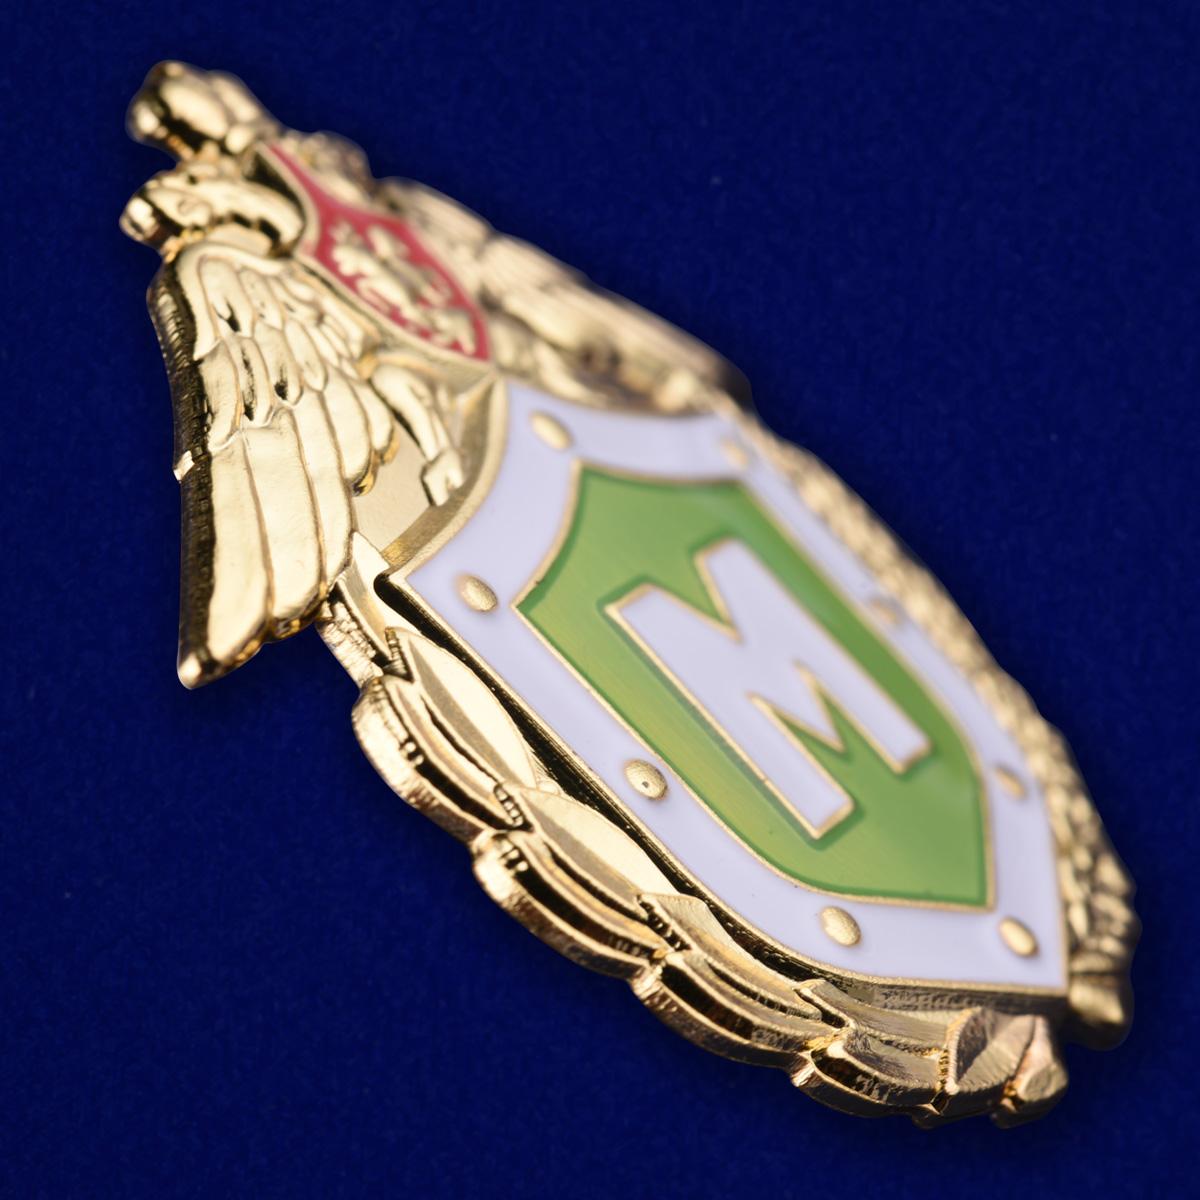 Описание знака ФПС «Классный специалист» Мастер